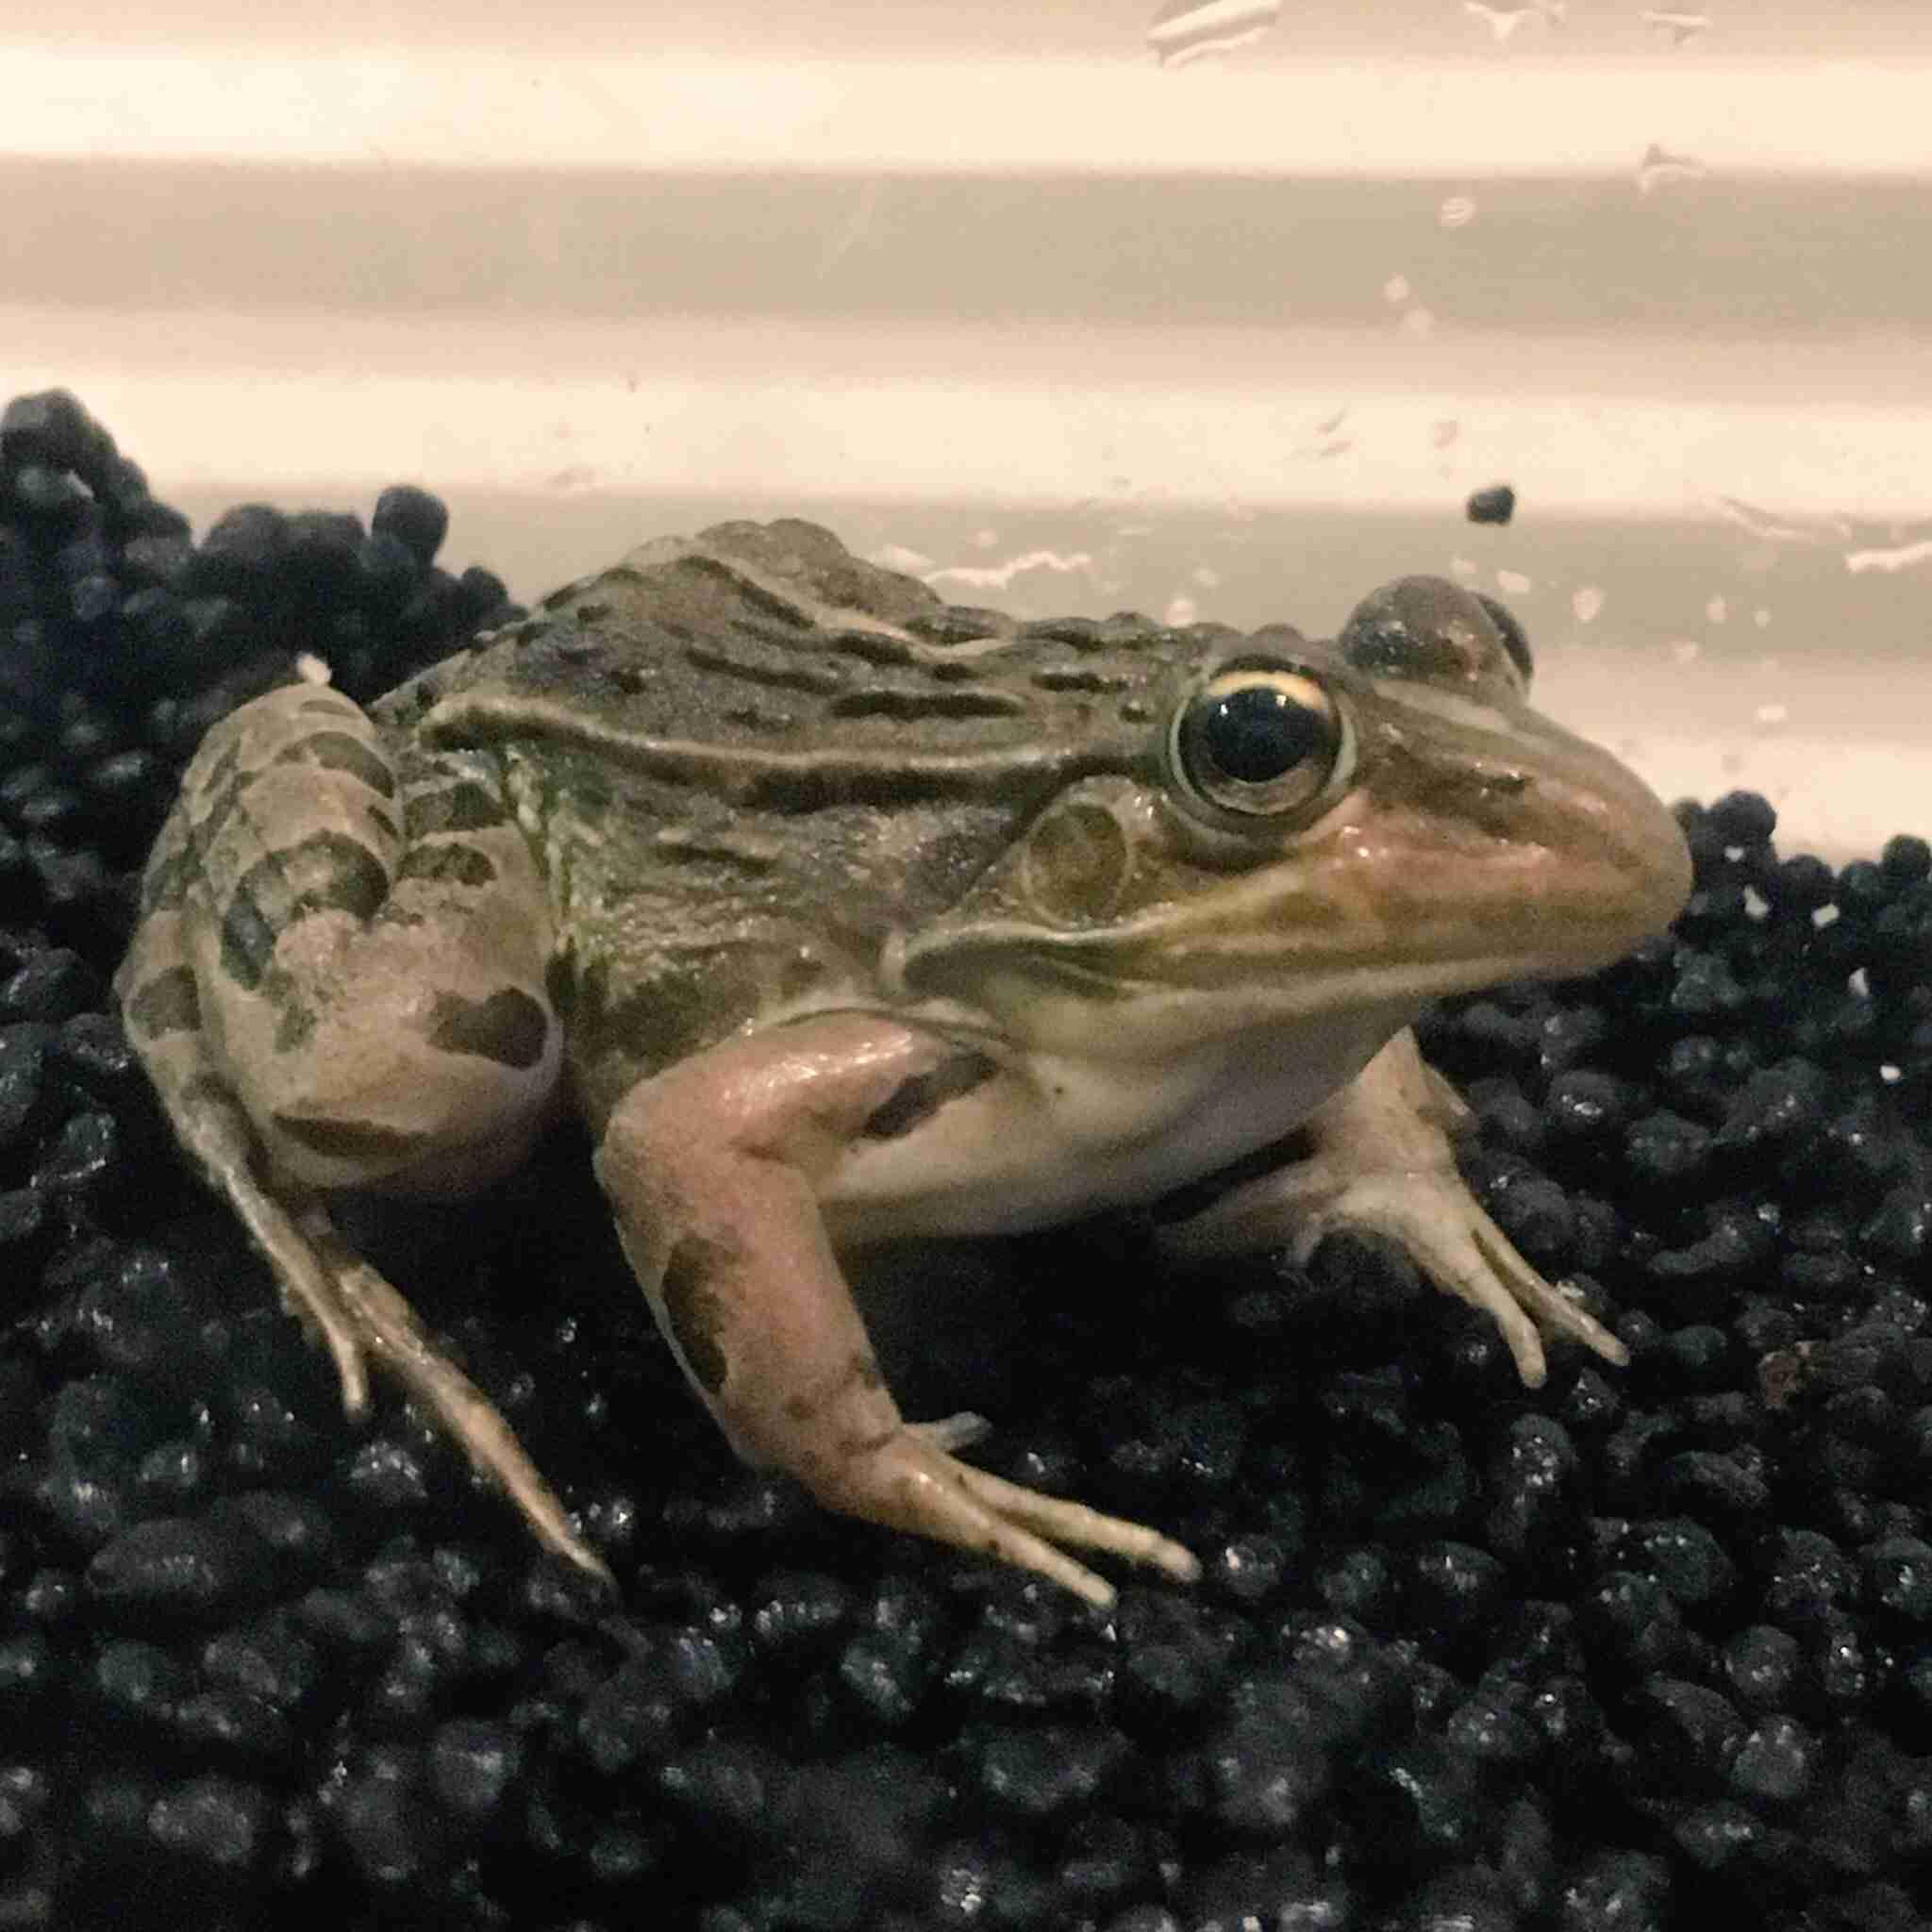 【苦手な人注意】カエルの画像が集まるトピ